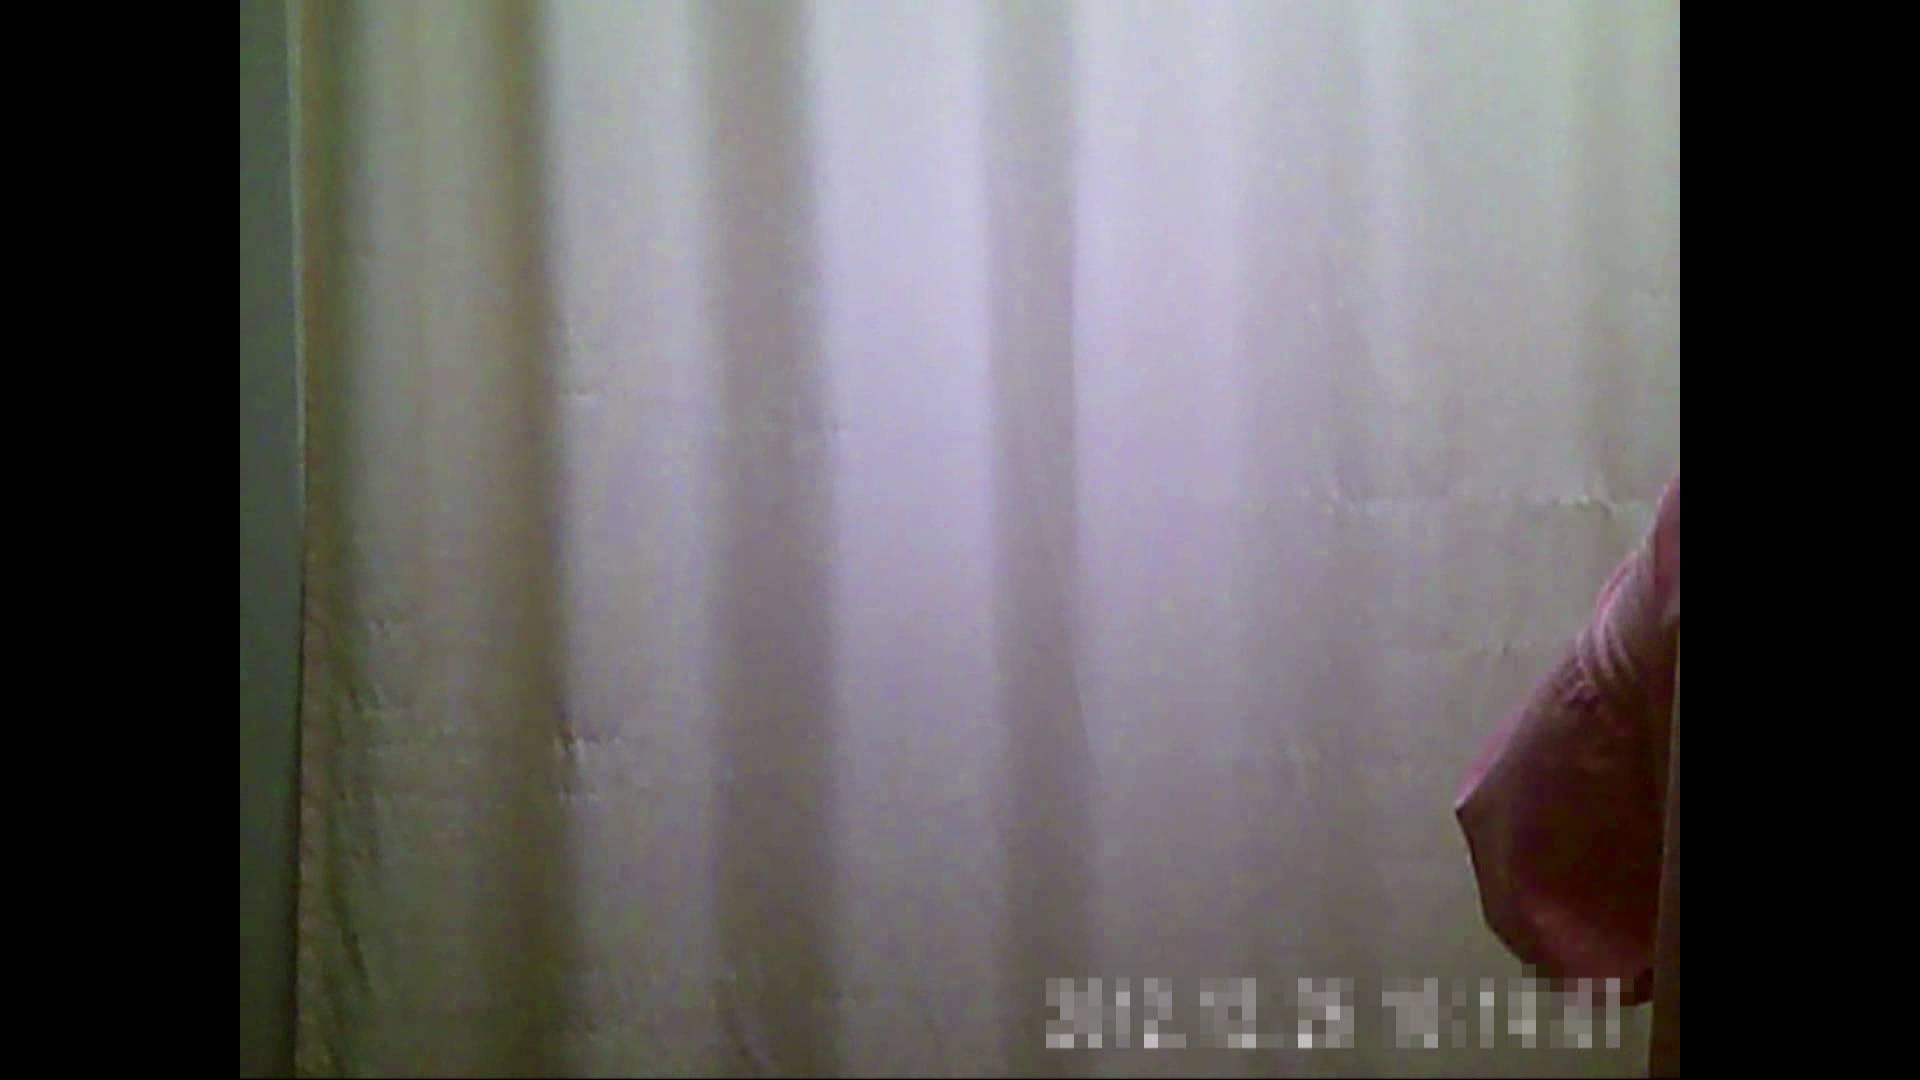 元医者による反抗 更衣室地獄絵巻 vol.112 OLの実態  72pic 4